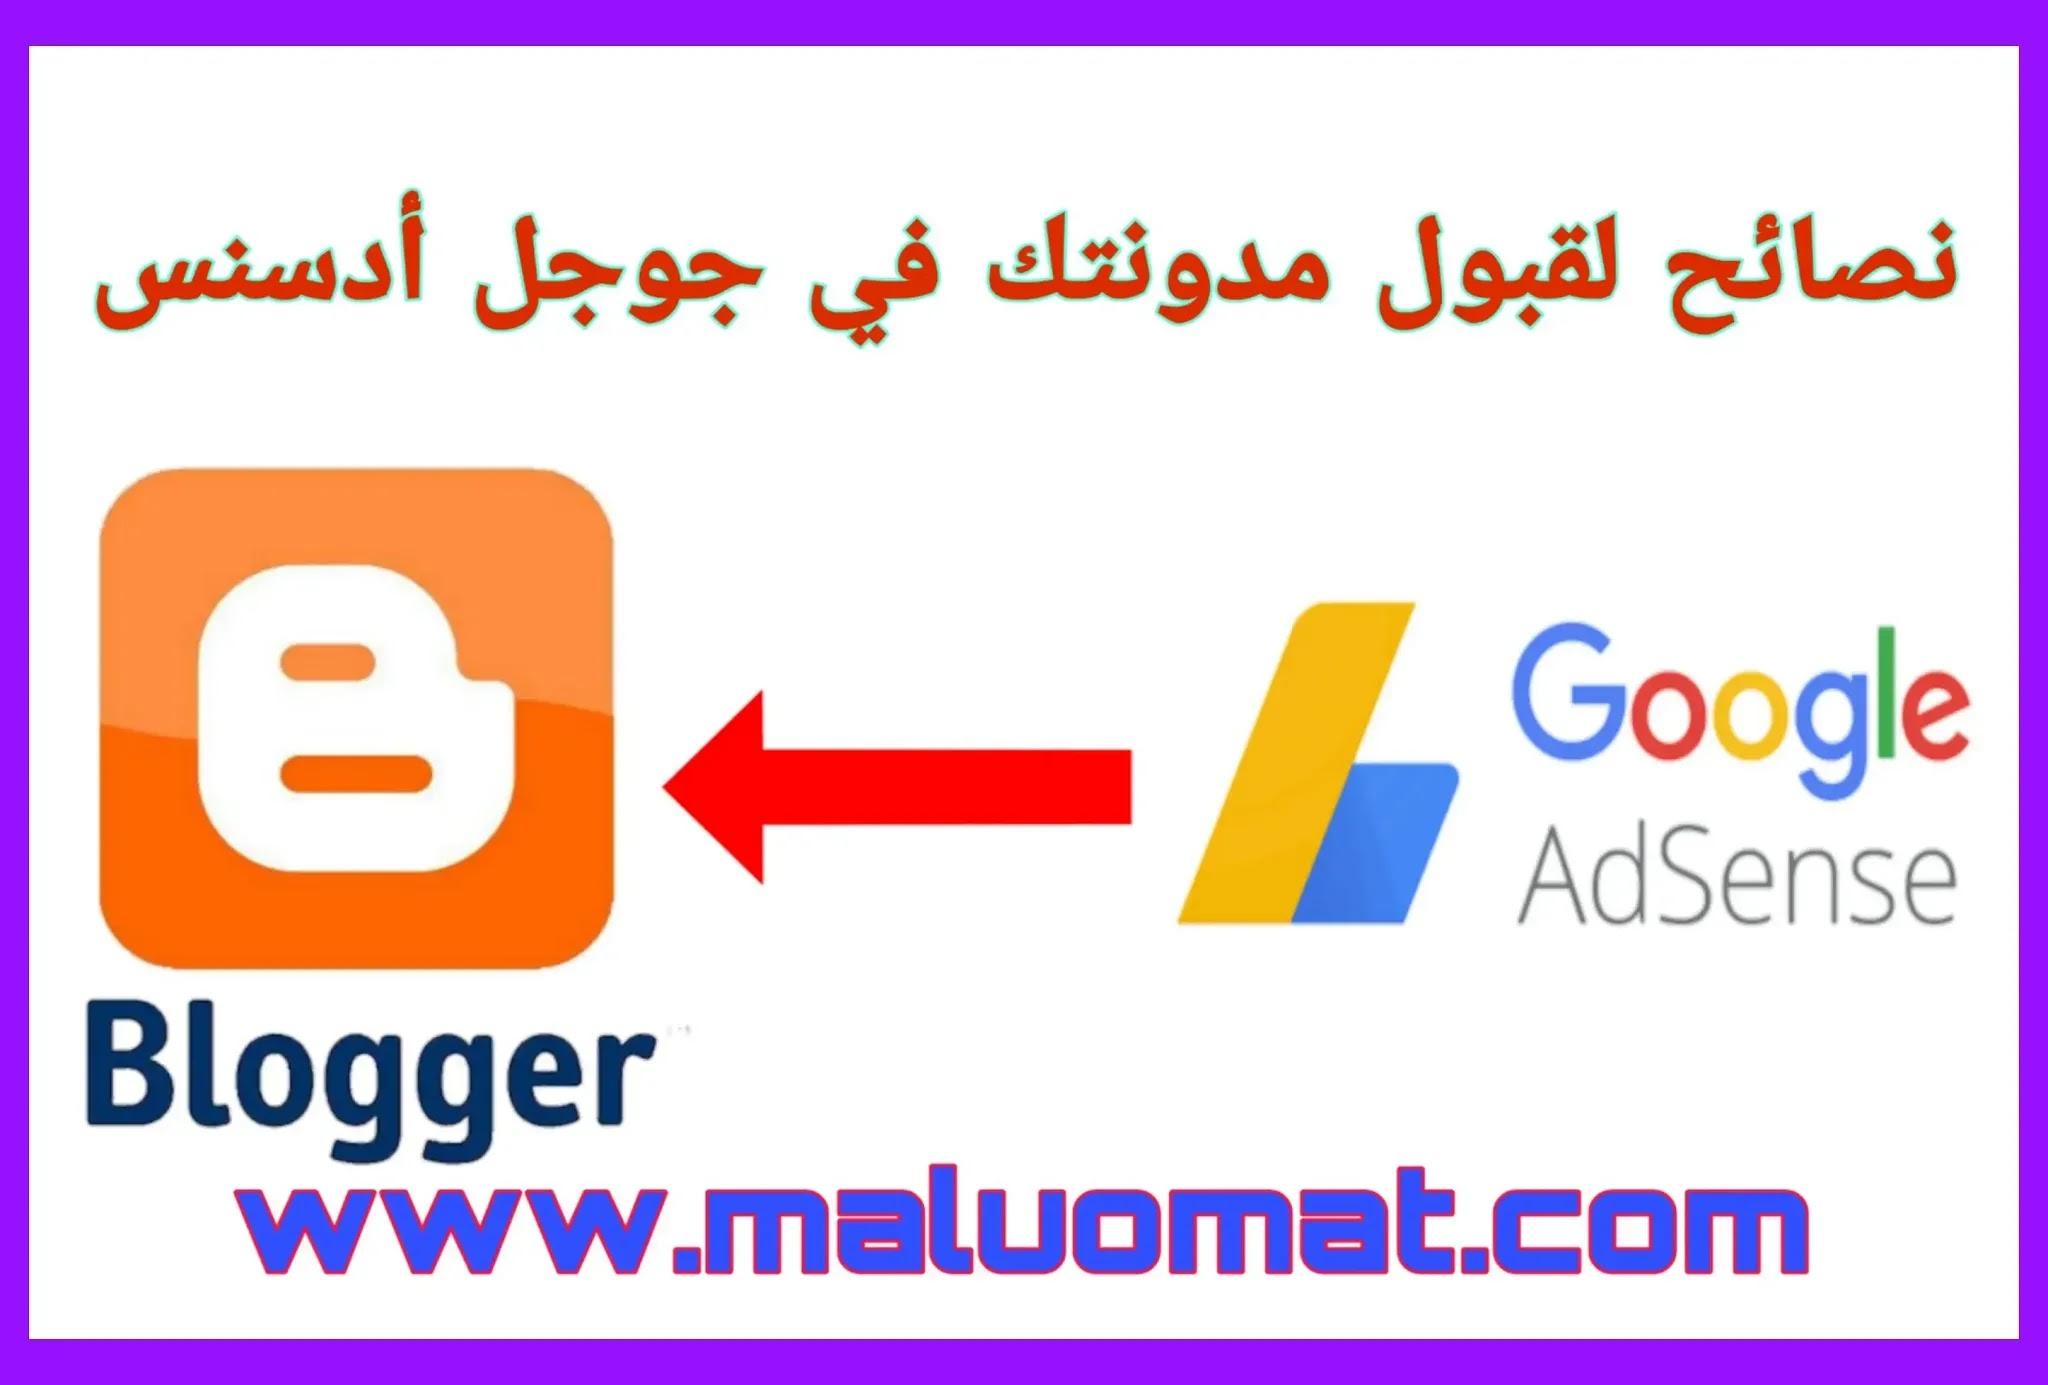 نصائح لقبول موقعك أو مدونتك على Google AdSense المرفوضة وكيفية الإصلاح